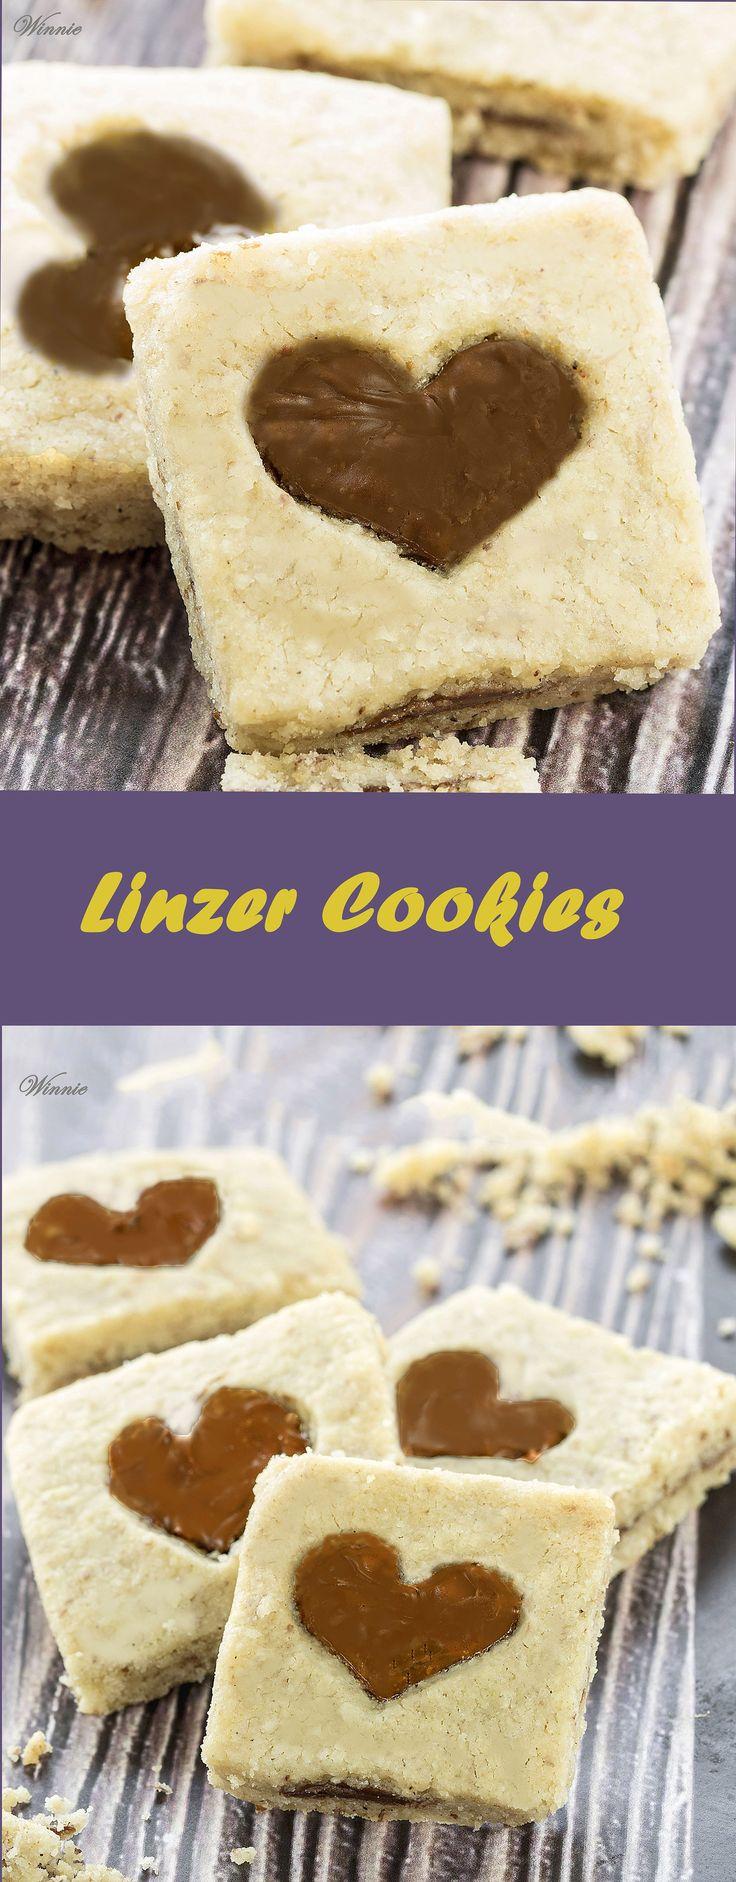 Linzer Cookies http://www.winnish.net/2012/04/1865/